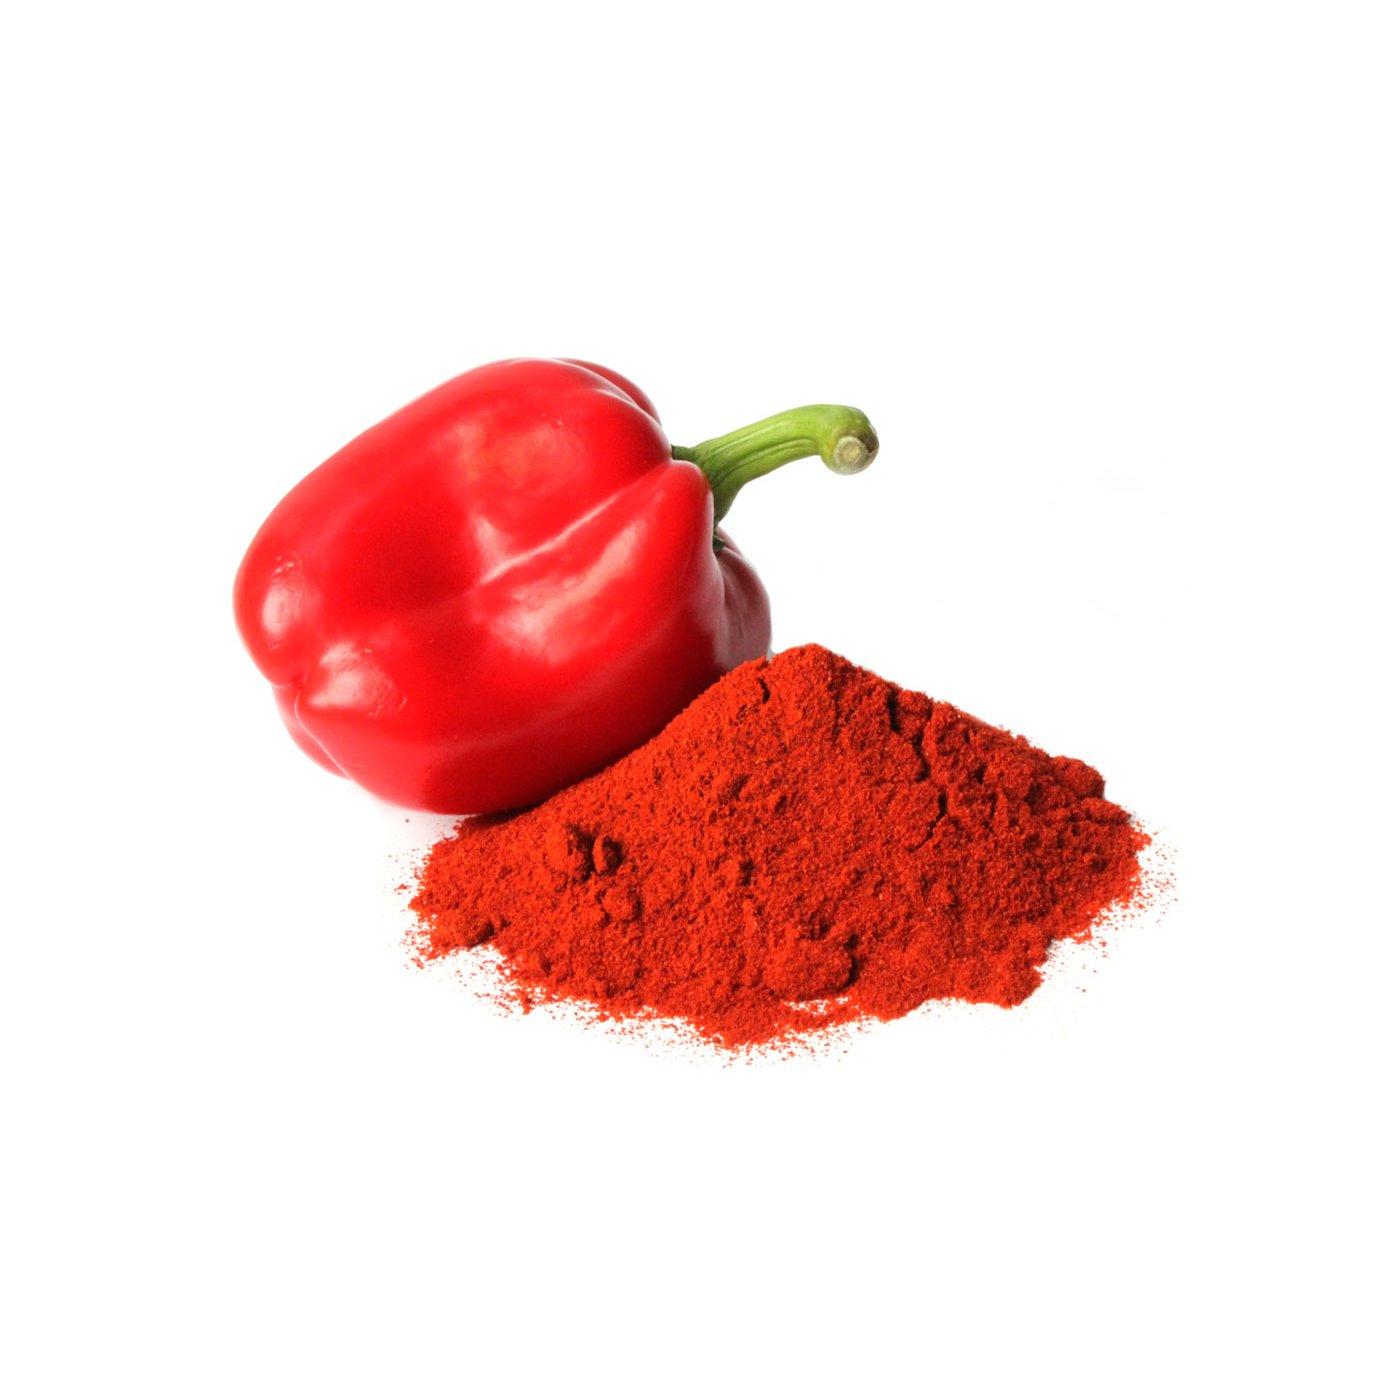 Paprika s rot gemahlen gew rz kr uter gew rzmis for Ungarisches paprikapulver